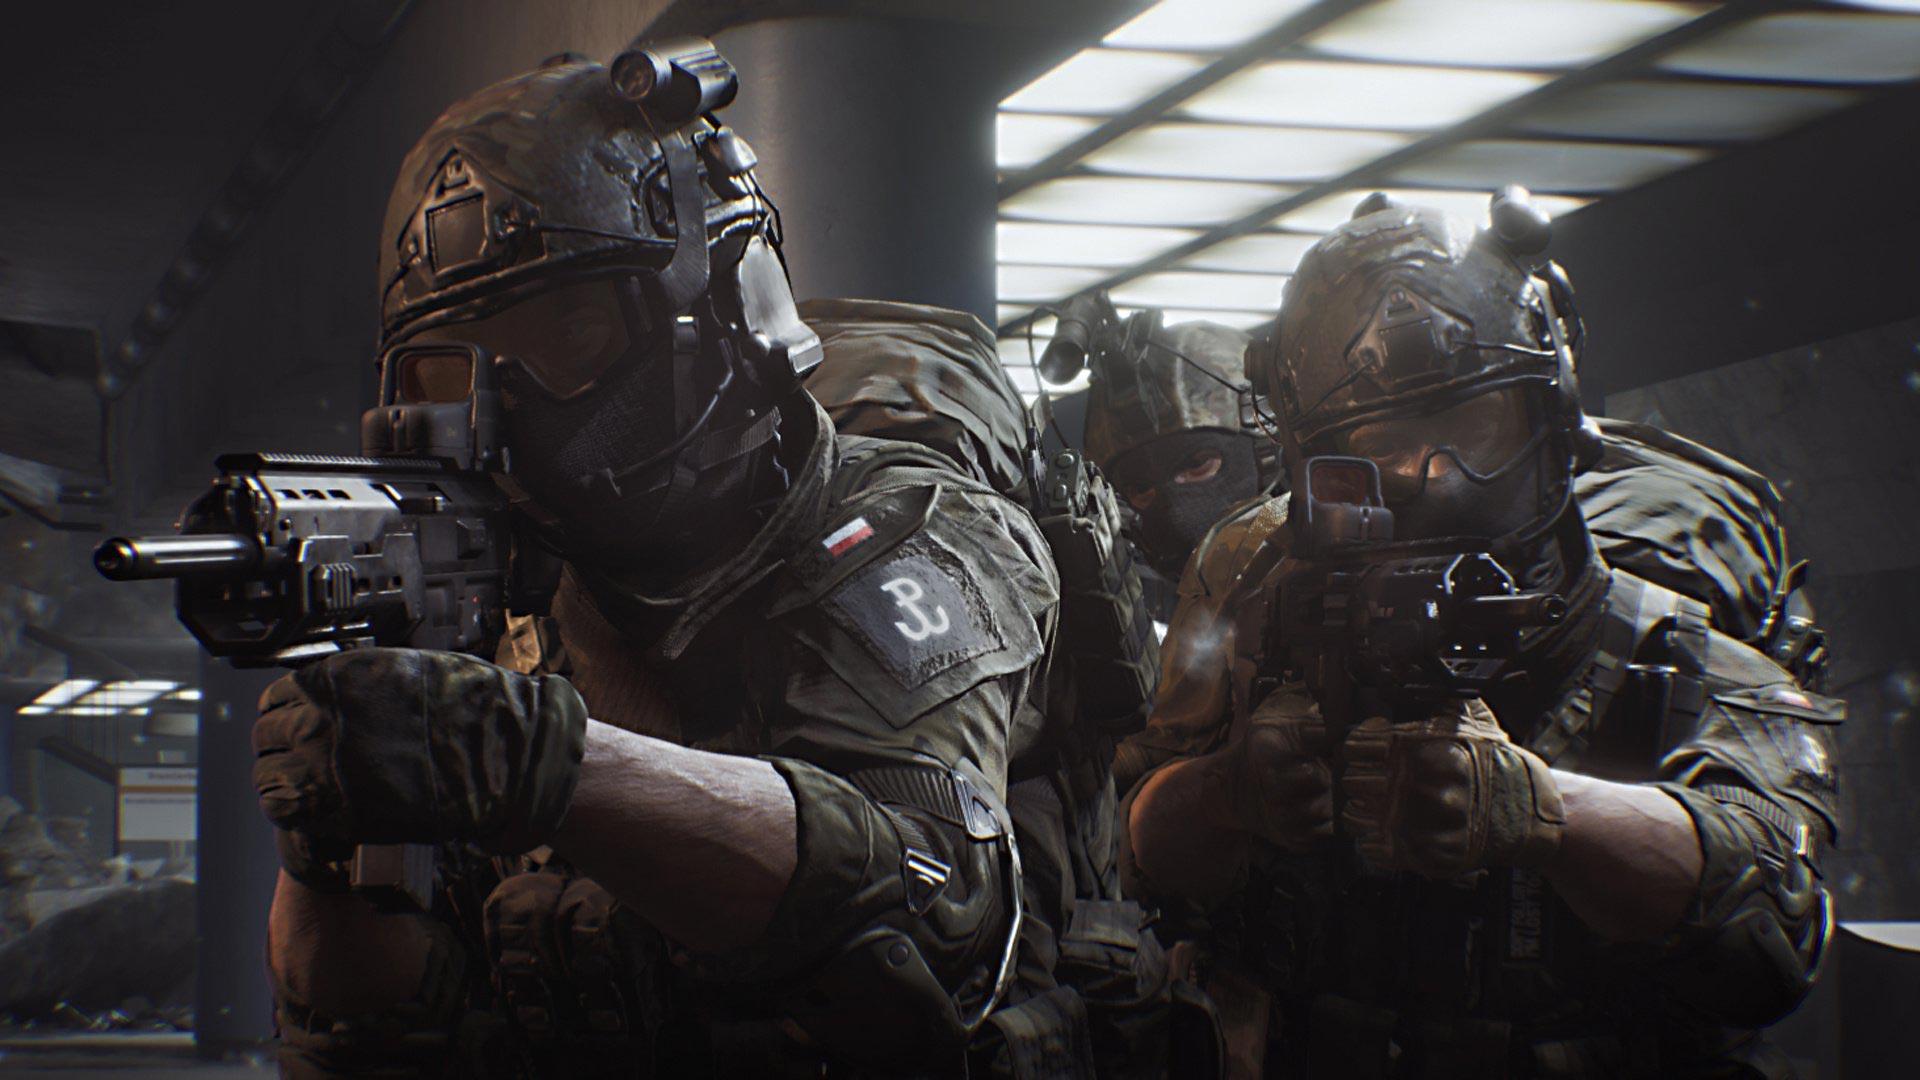 World War 3: The new shooter hope?